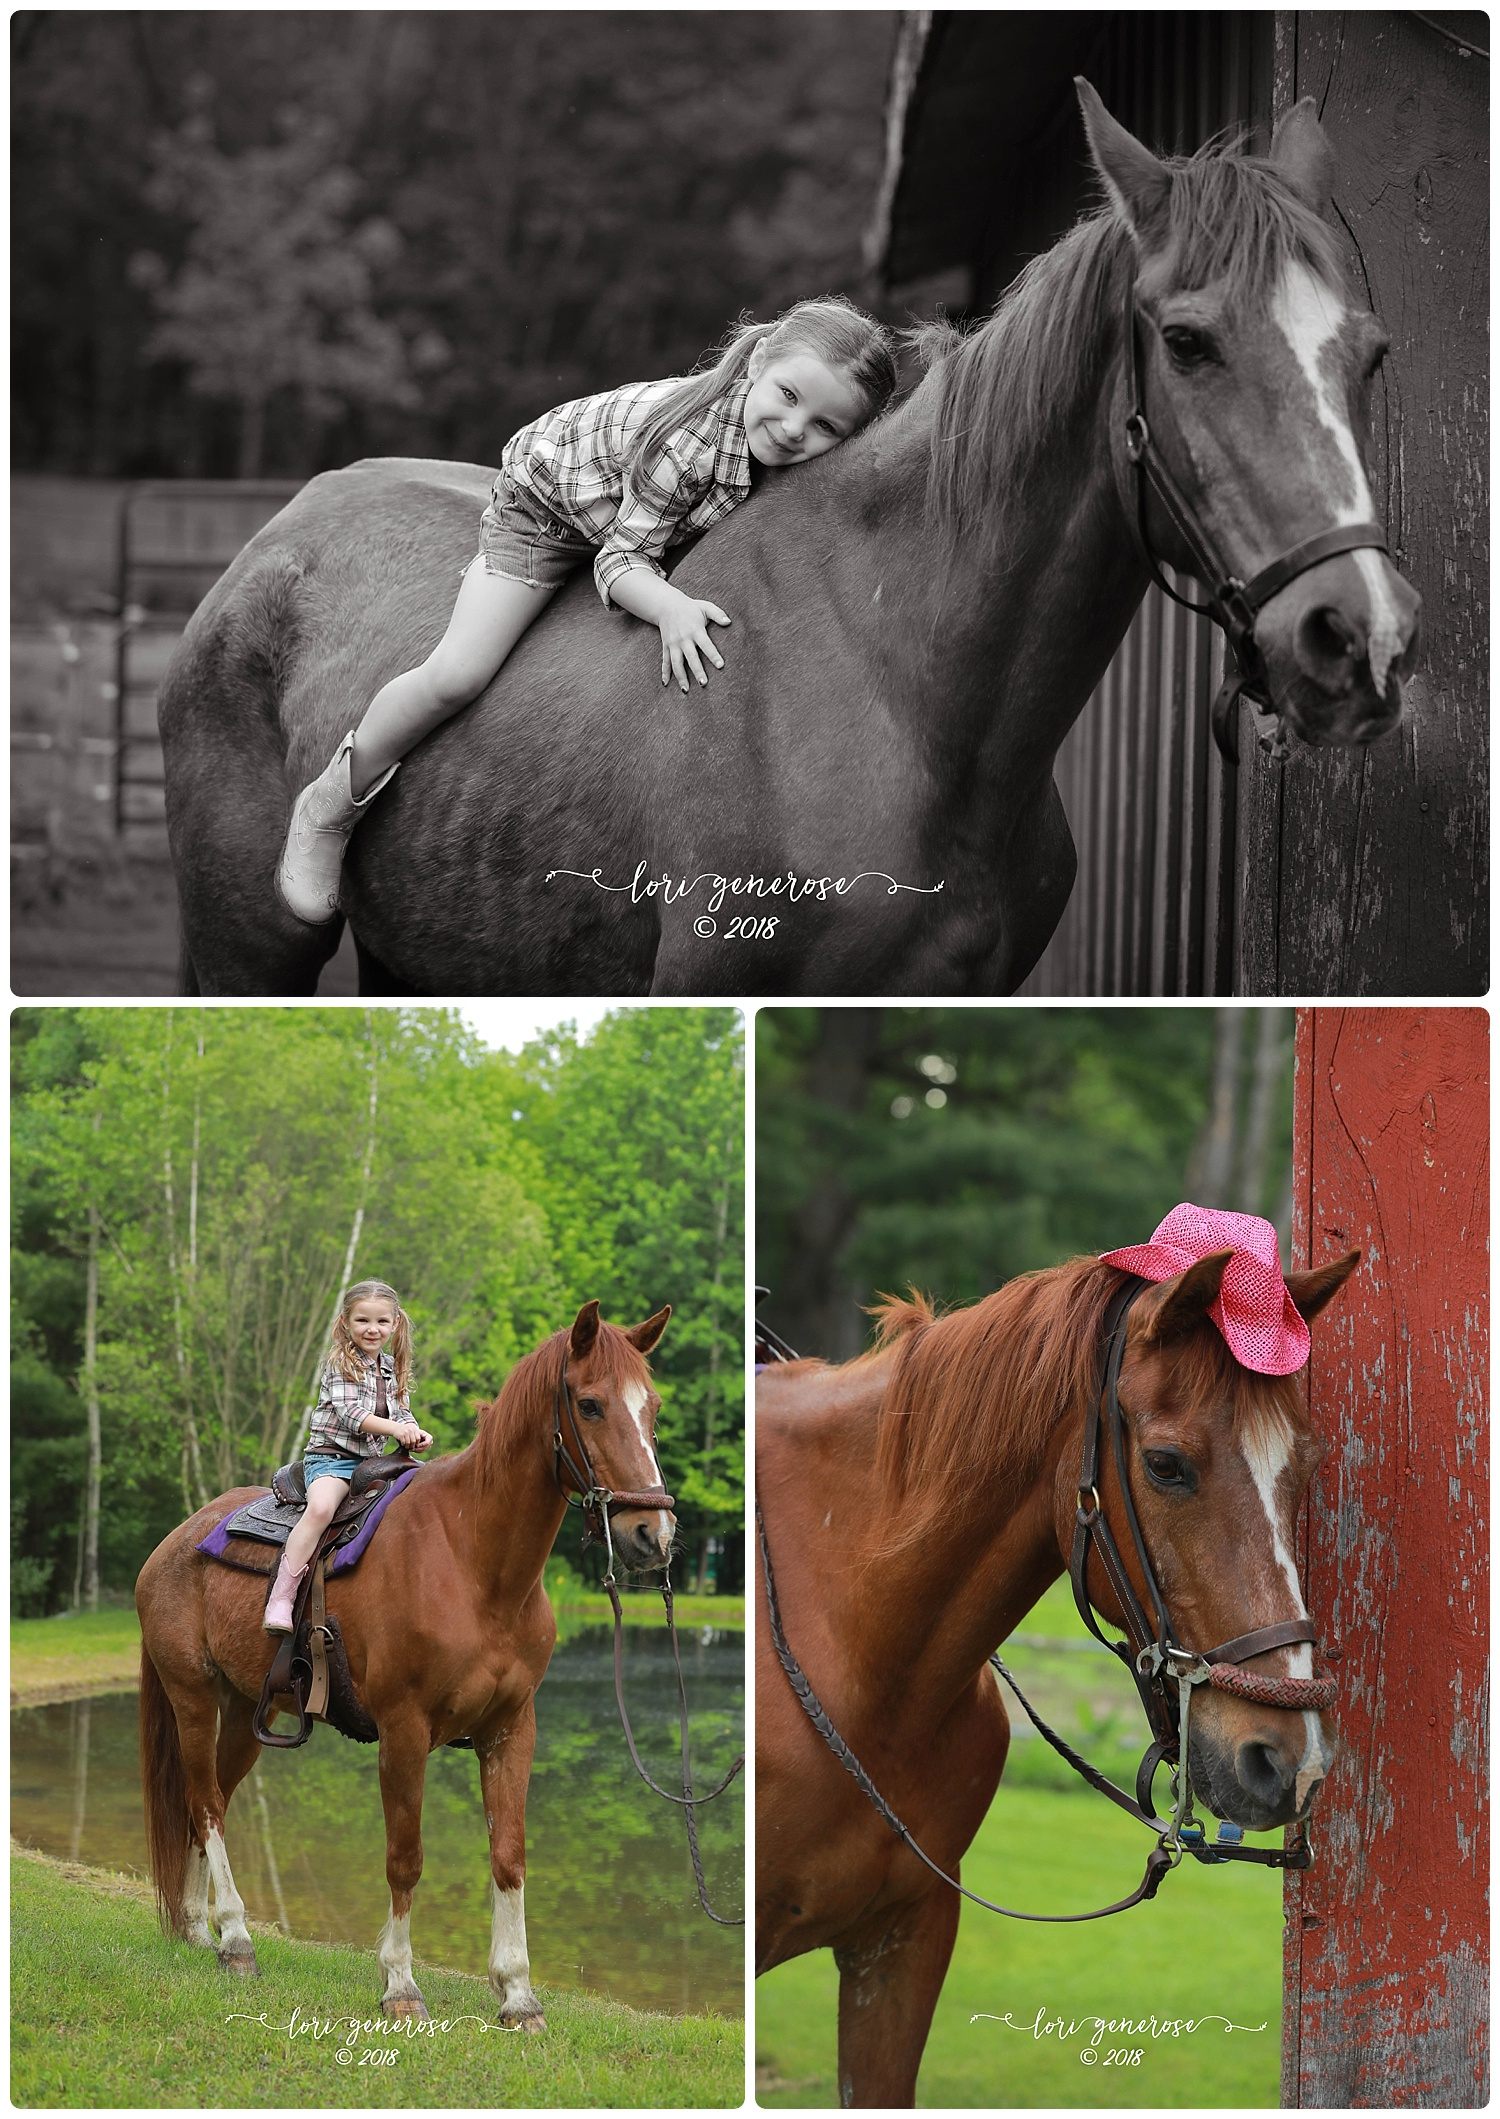 lgphotographylorigeneroseoutdooronlocationfamilysessionhorsefarmlittlegirlandhorse.jpg